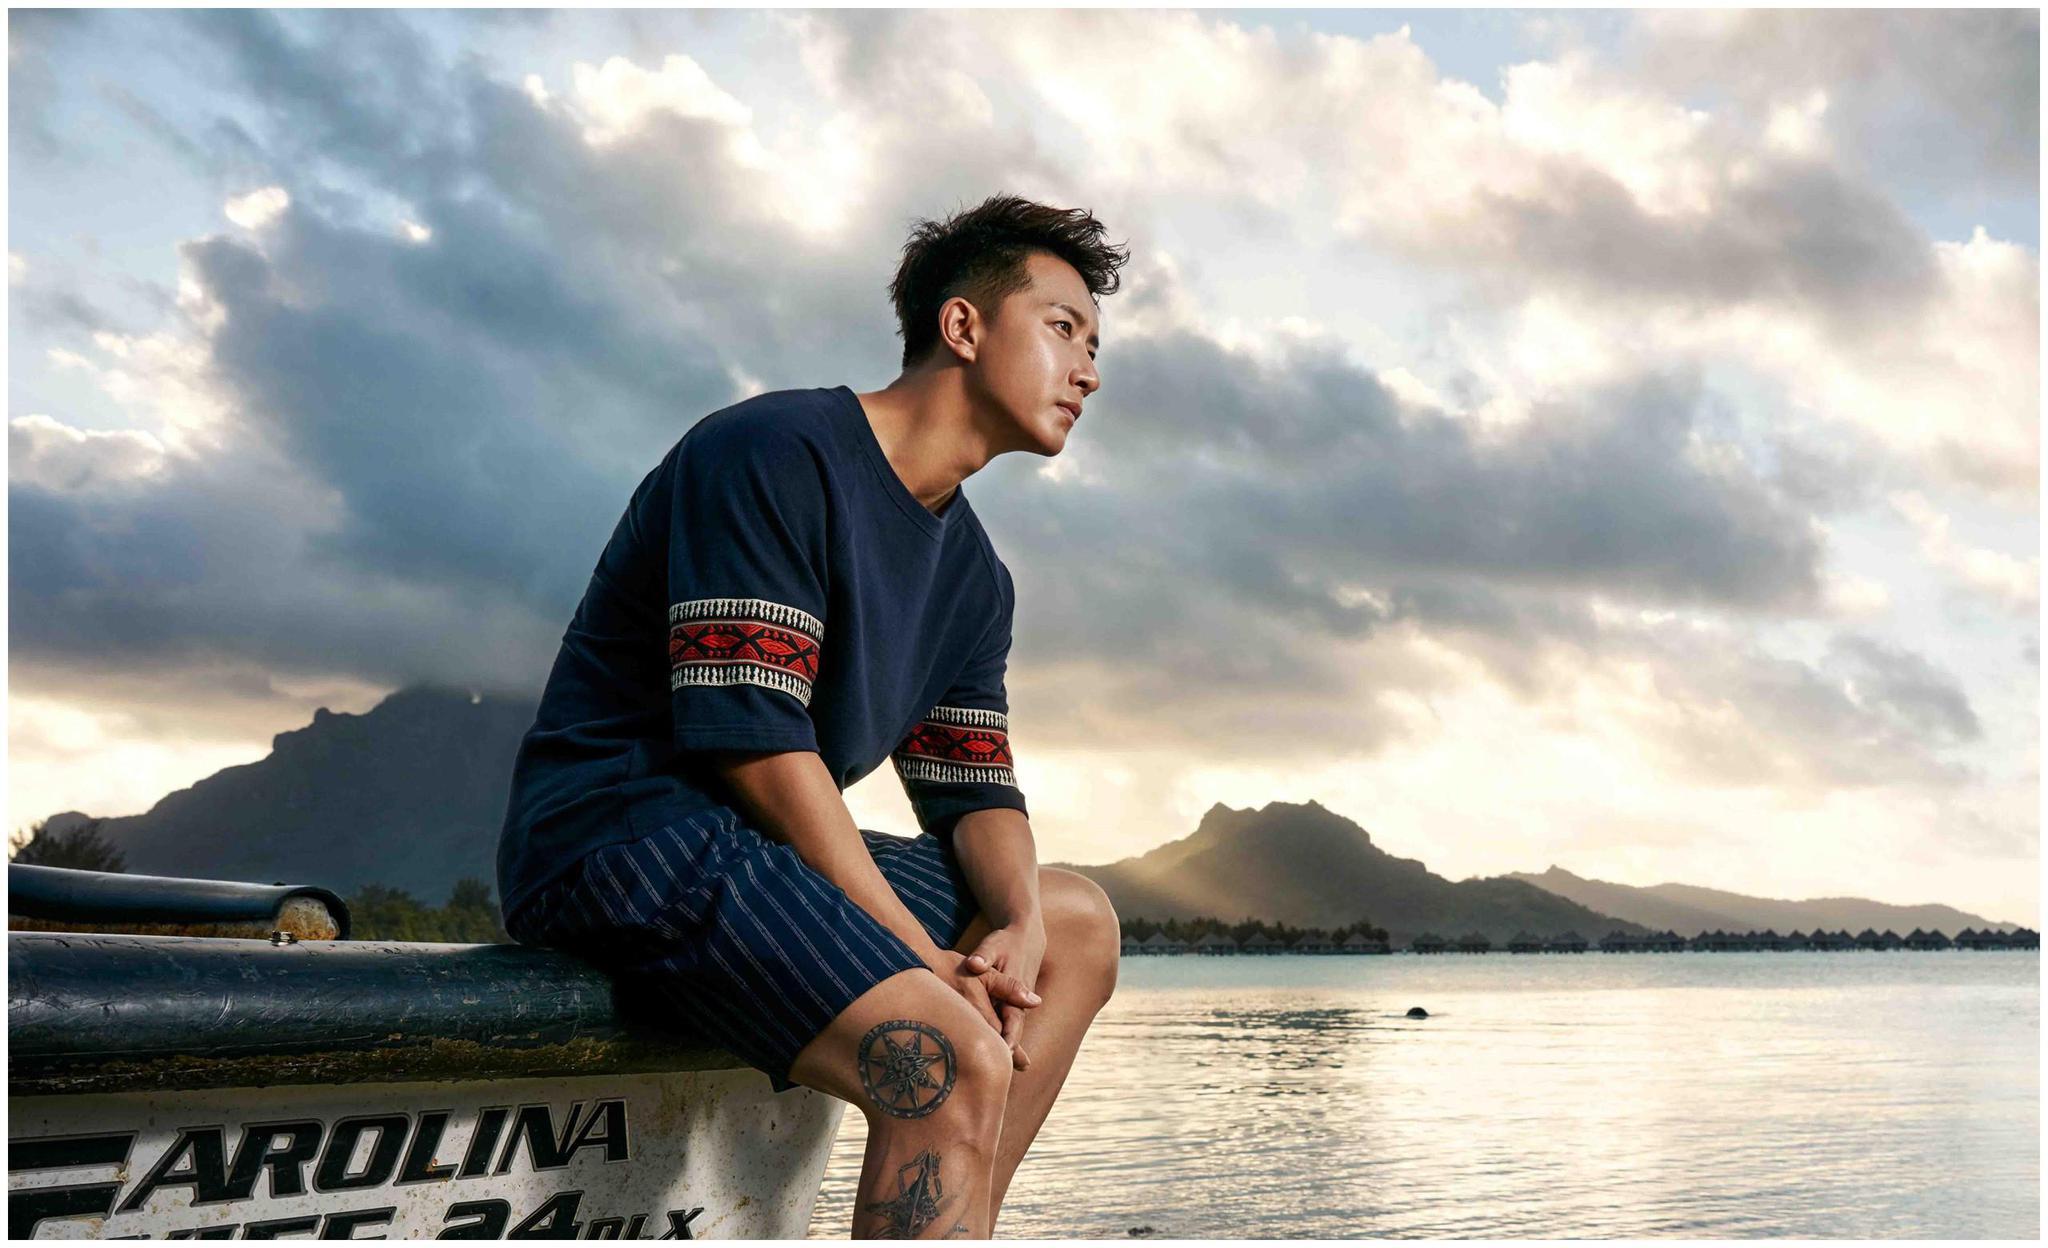 张慧雯合作过的男演员颜值排行,刘昊然垫底,欧豪第二,第一最帅